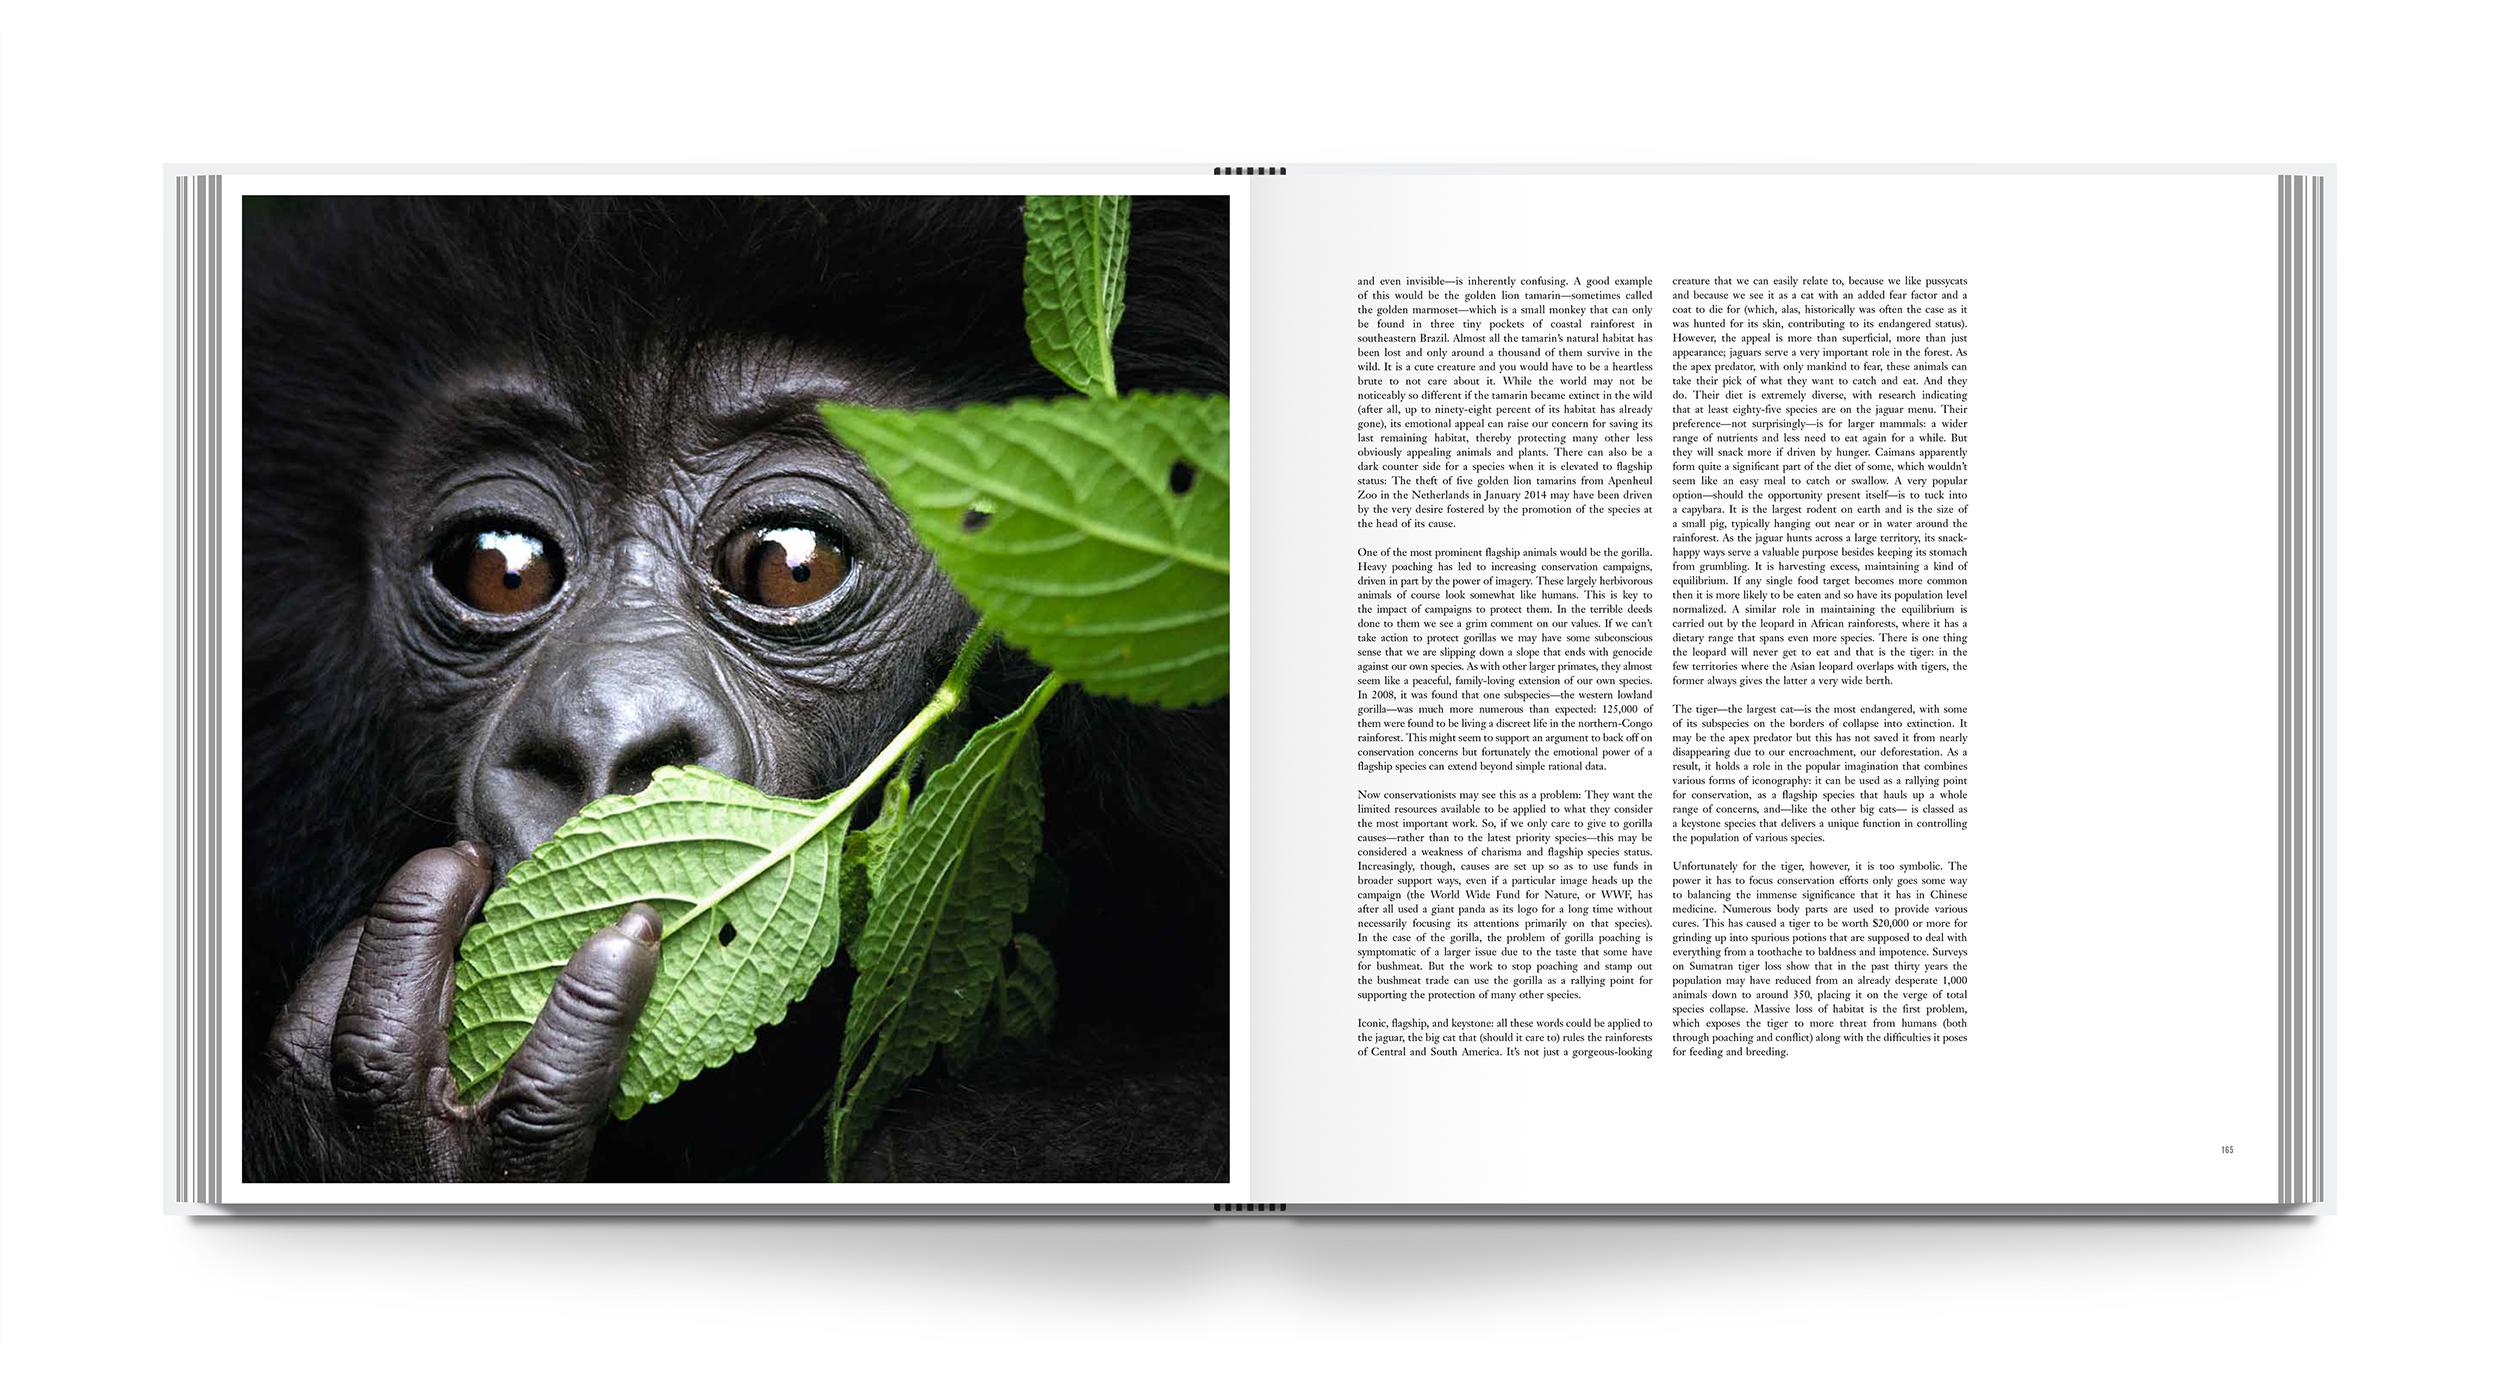 lb-rainforest-int-3.jpg